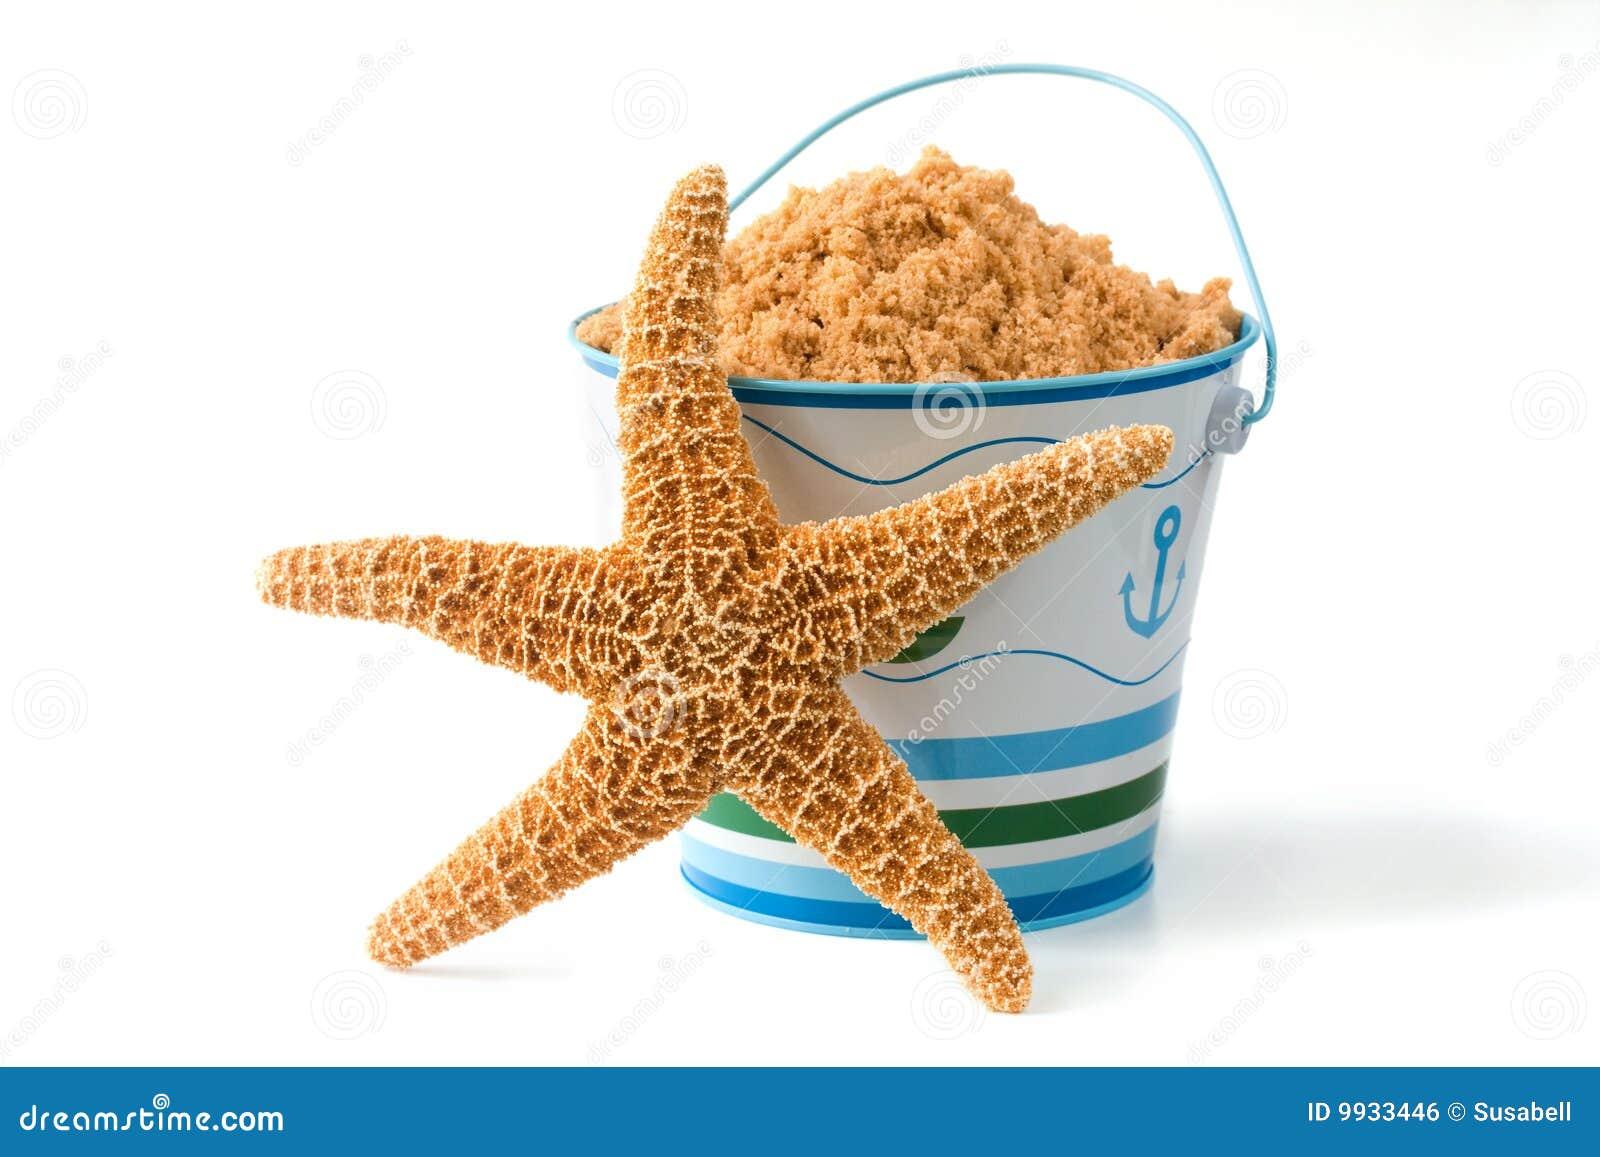 Starfish and pail